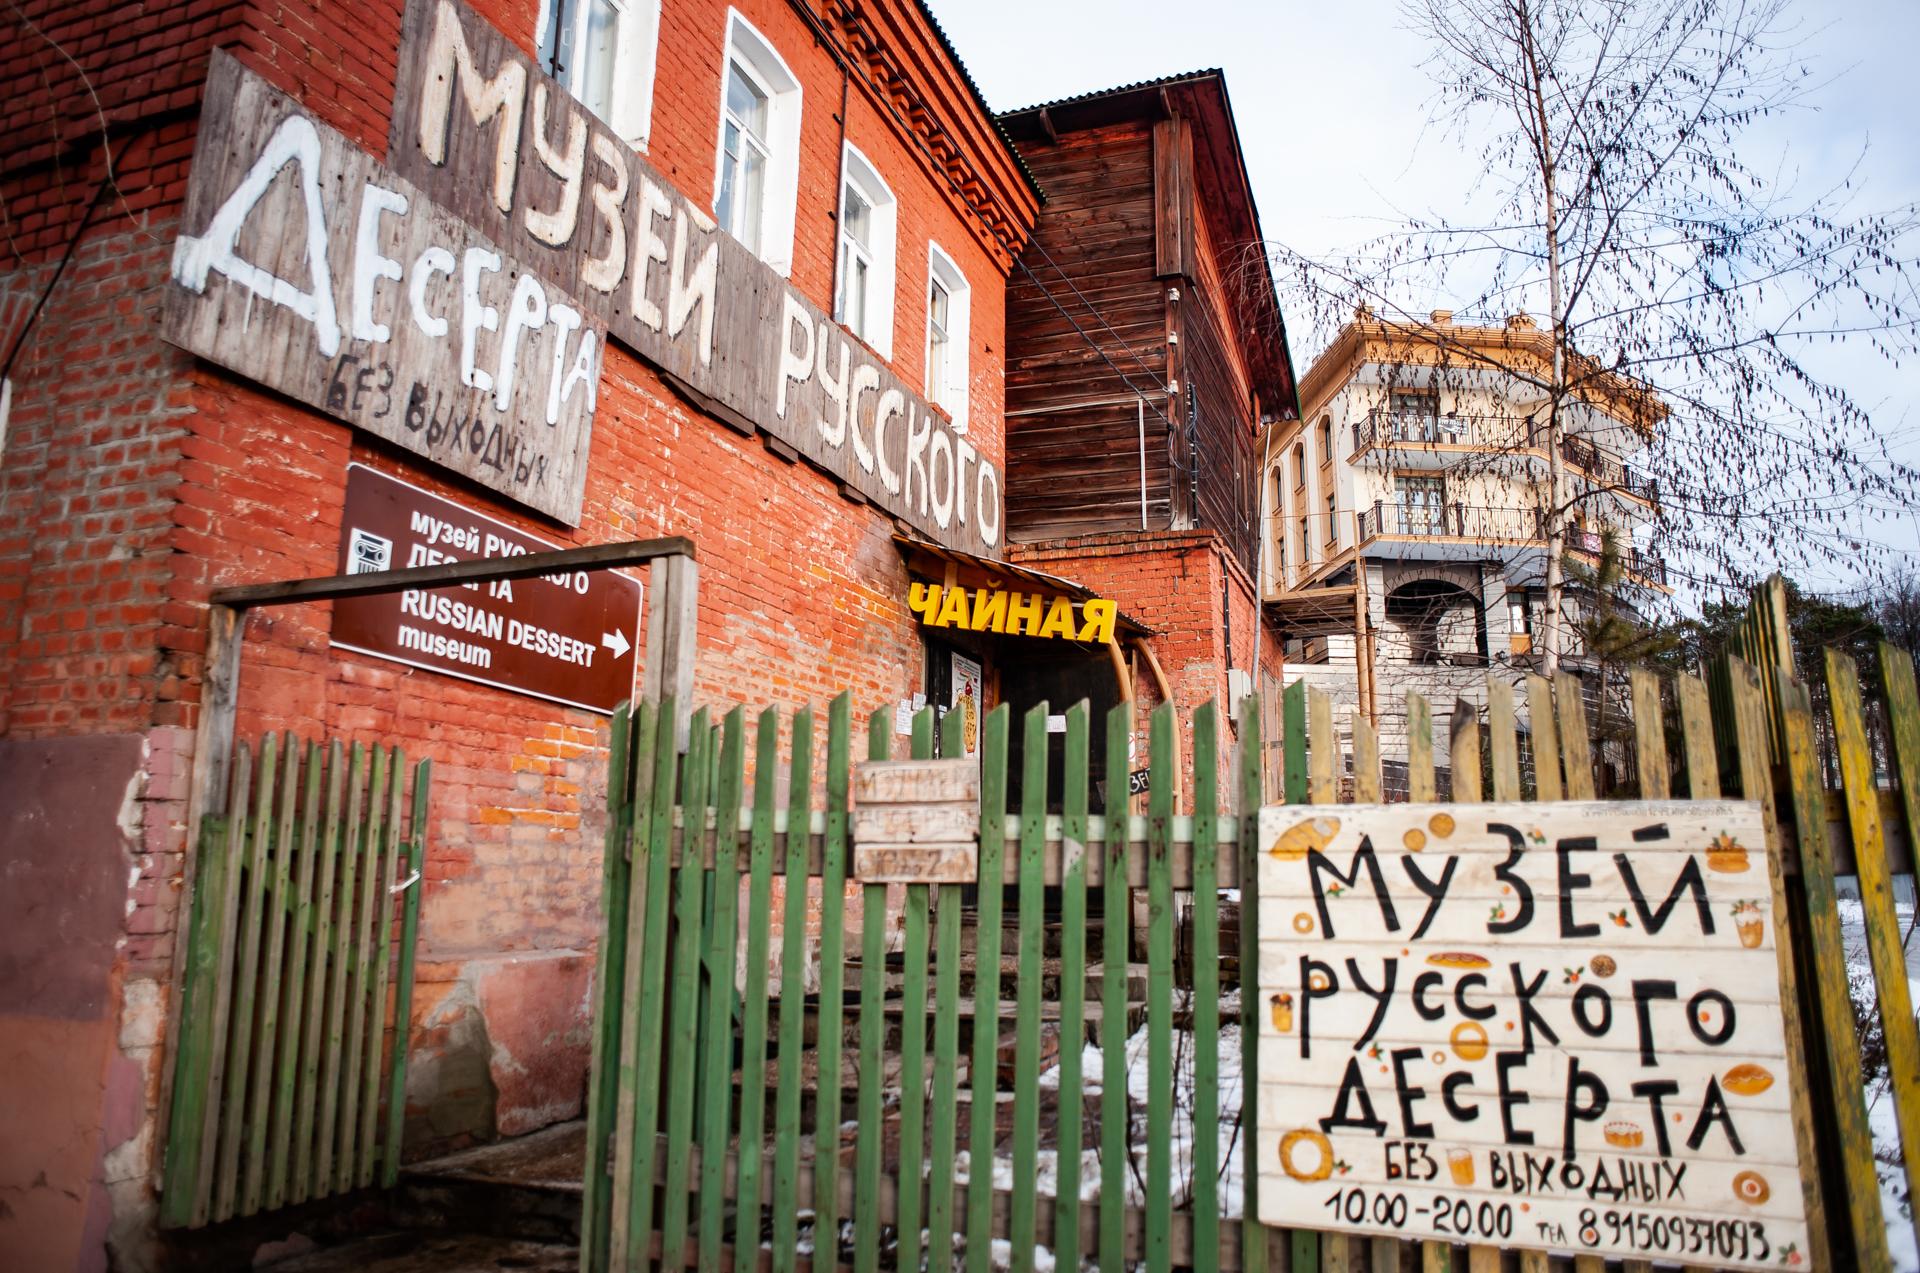 Звенигород, Музей Русского Десерта